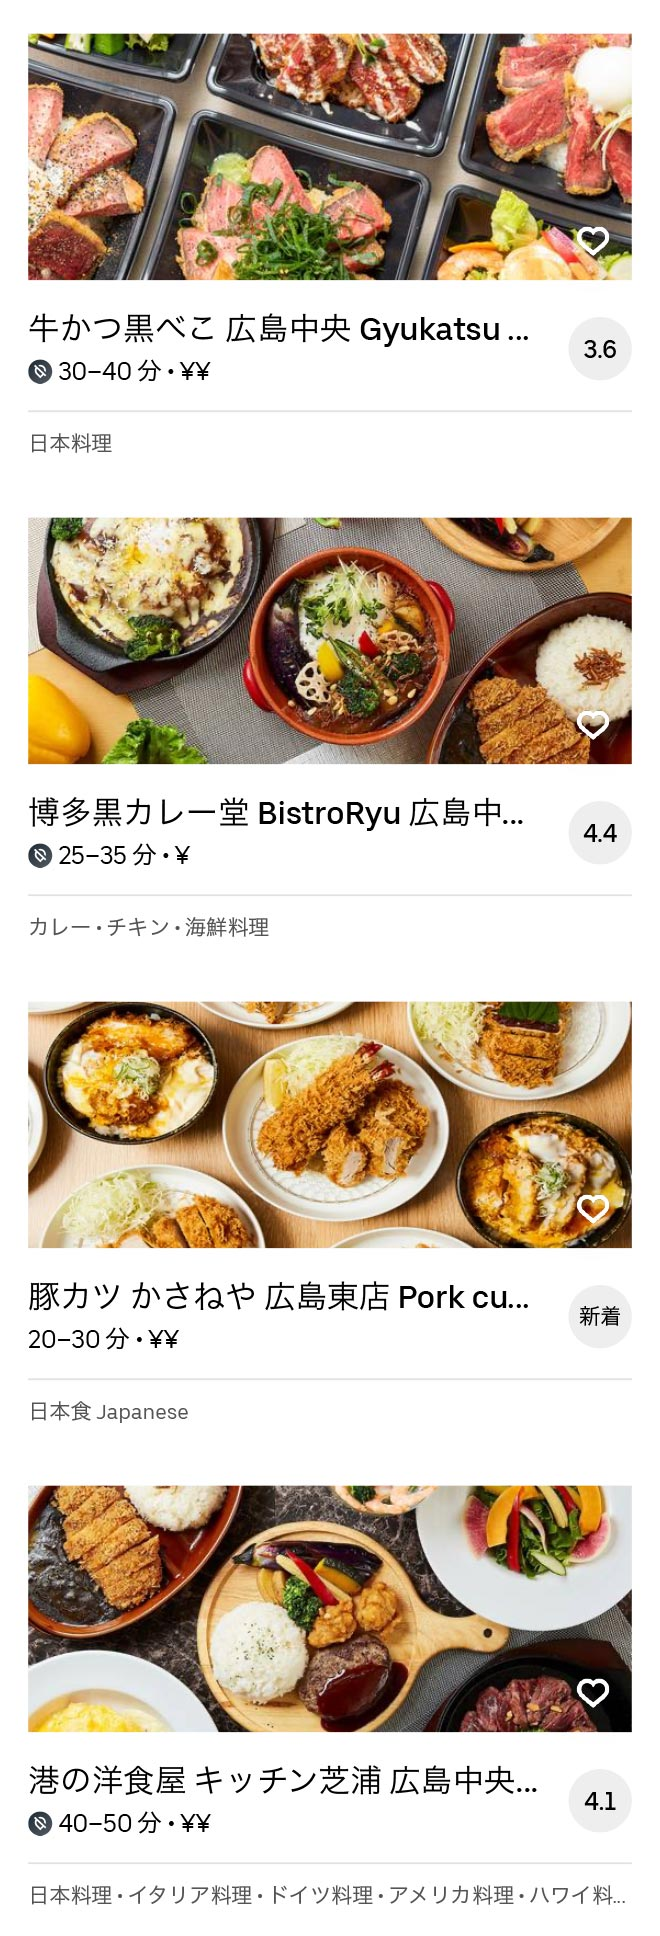 Hiroshima mukainada menu 2005 07